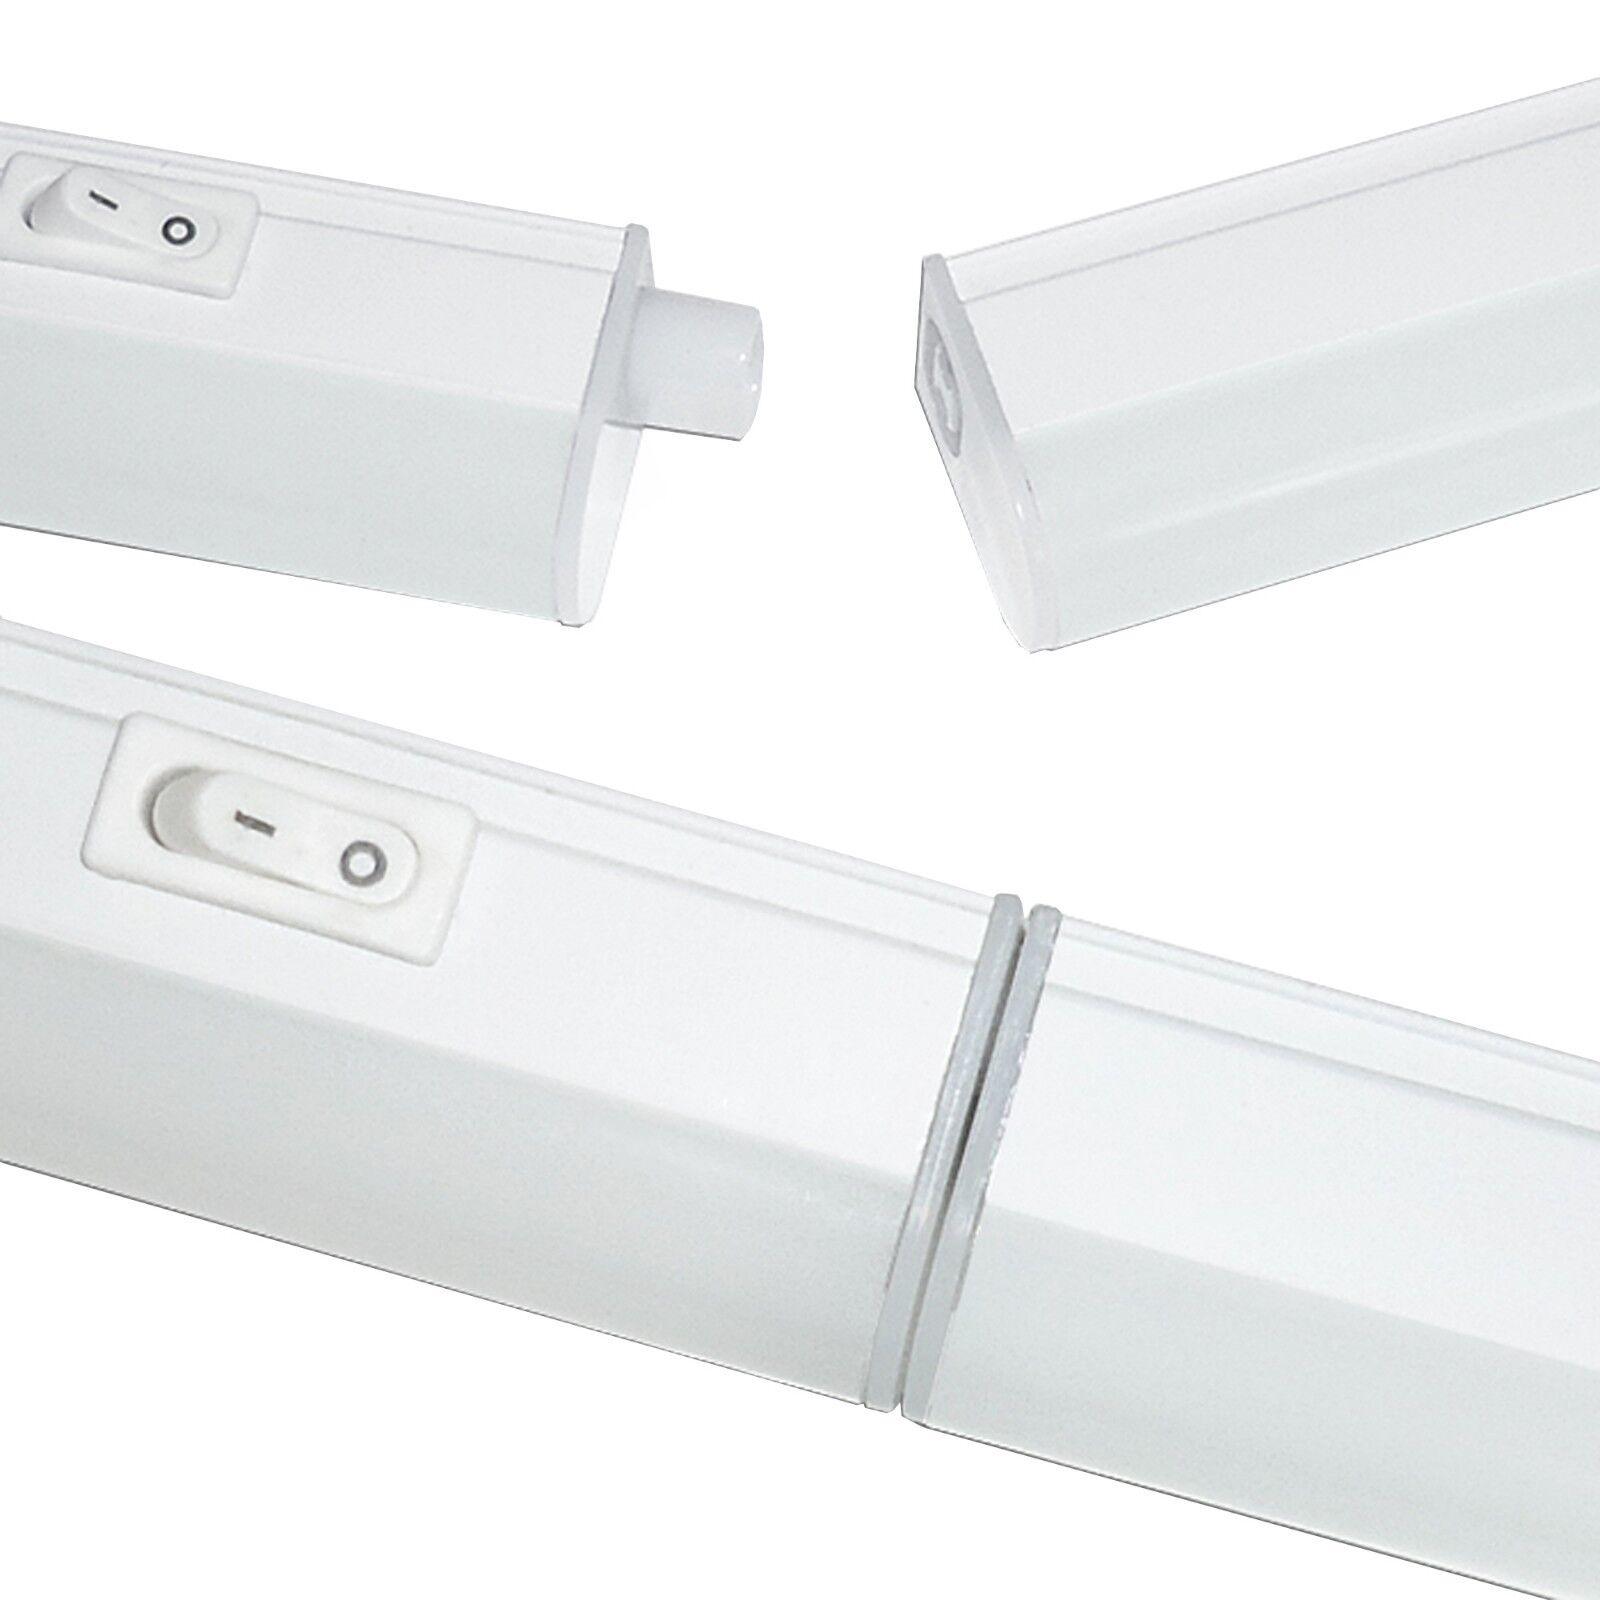 LED Kitchen Under Unit Cabinet Lighting Linkable CCT 3000K//4000K//6500K